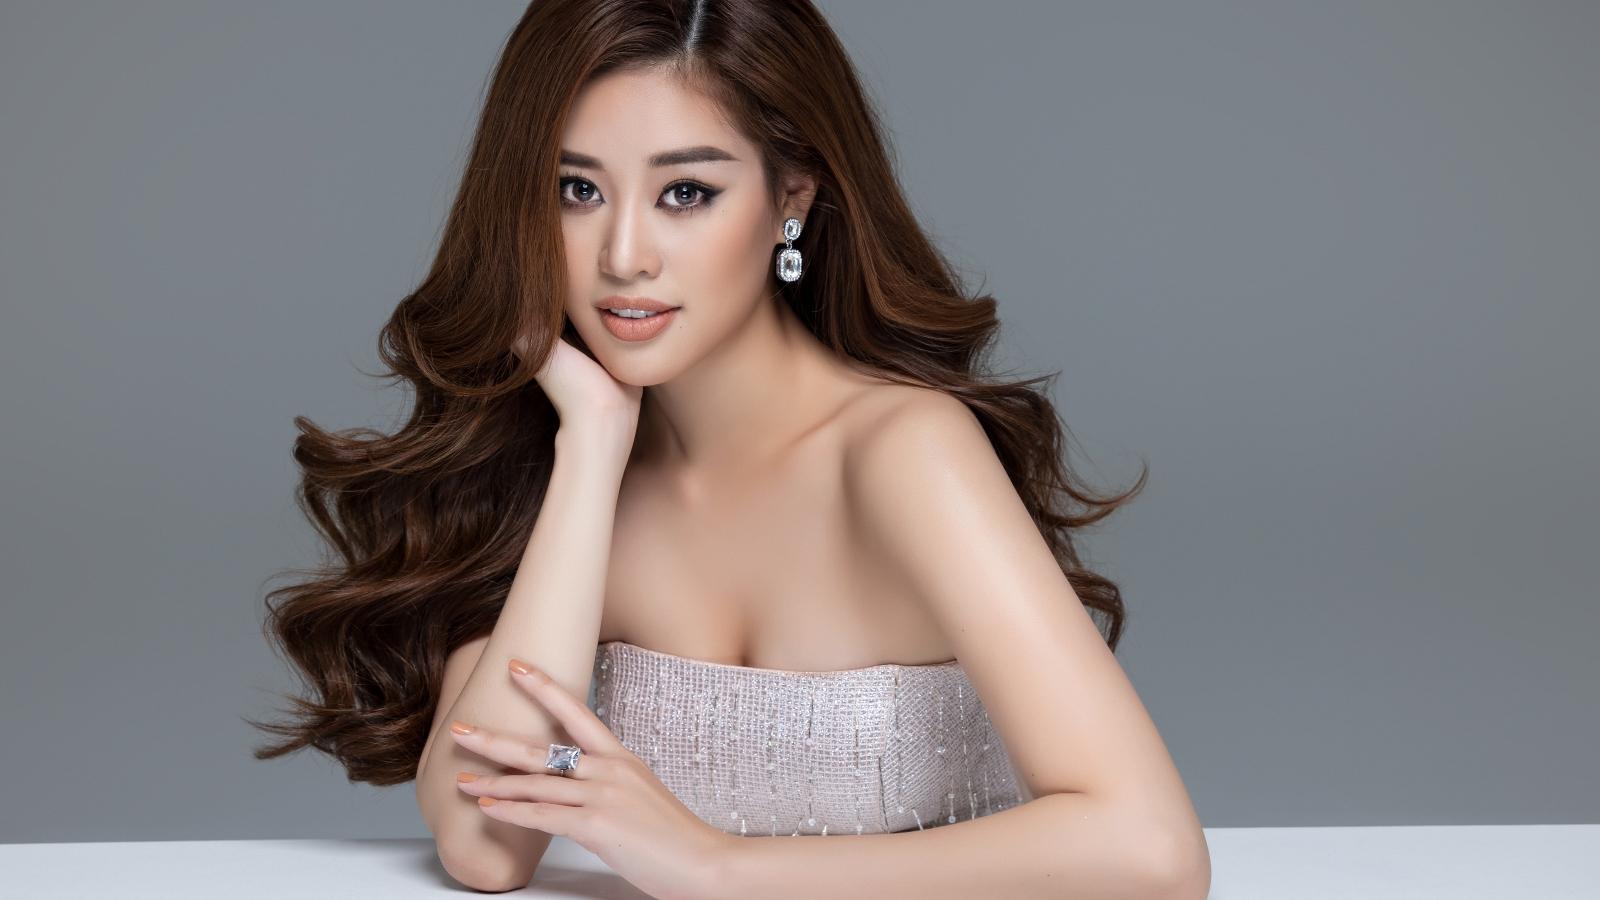 Miss Universe công bố video giới thiệu Hoa hậu Khánh Vân trên trang chủ